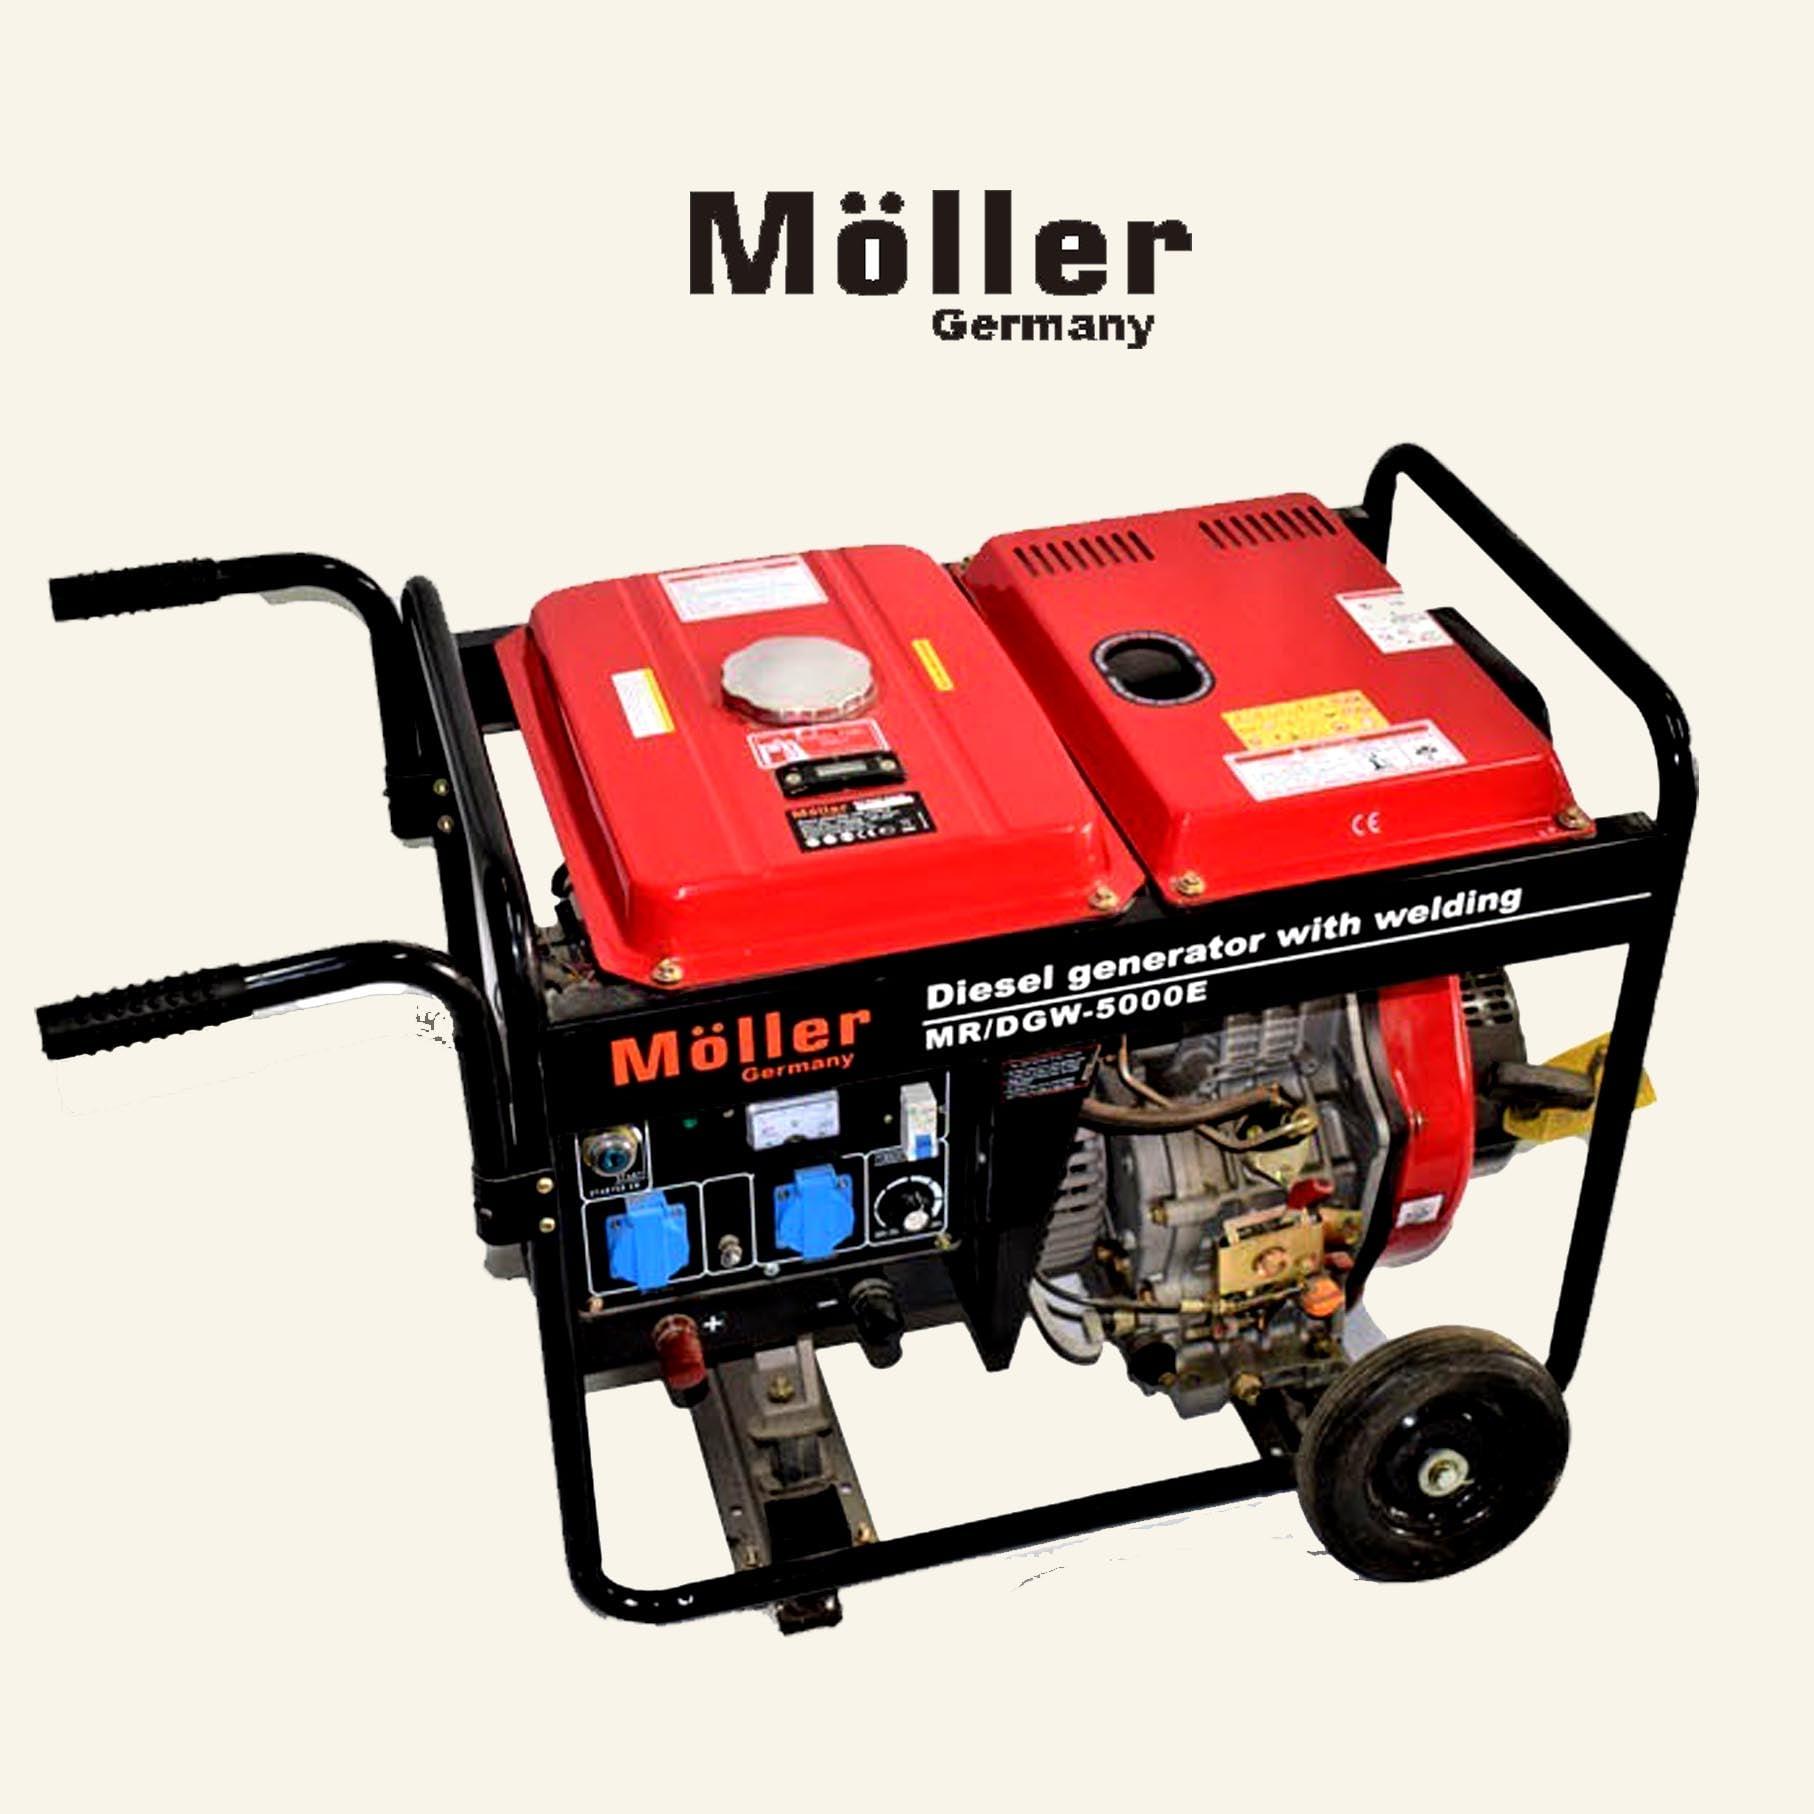 גנרטור רתכת 200A כולל גלגלים וידית נשיאה 5000W מבית MOLLER GERMANY